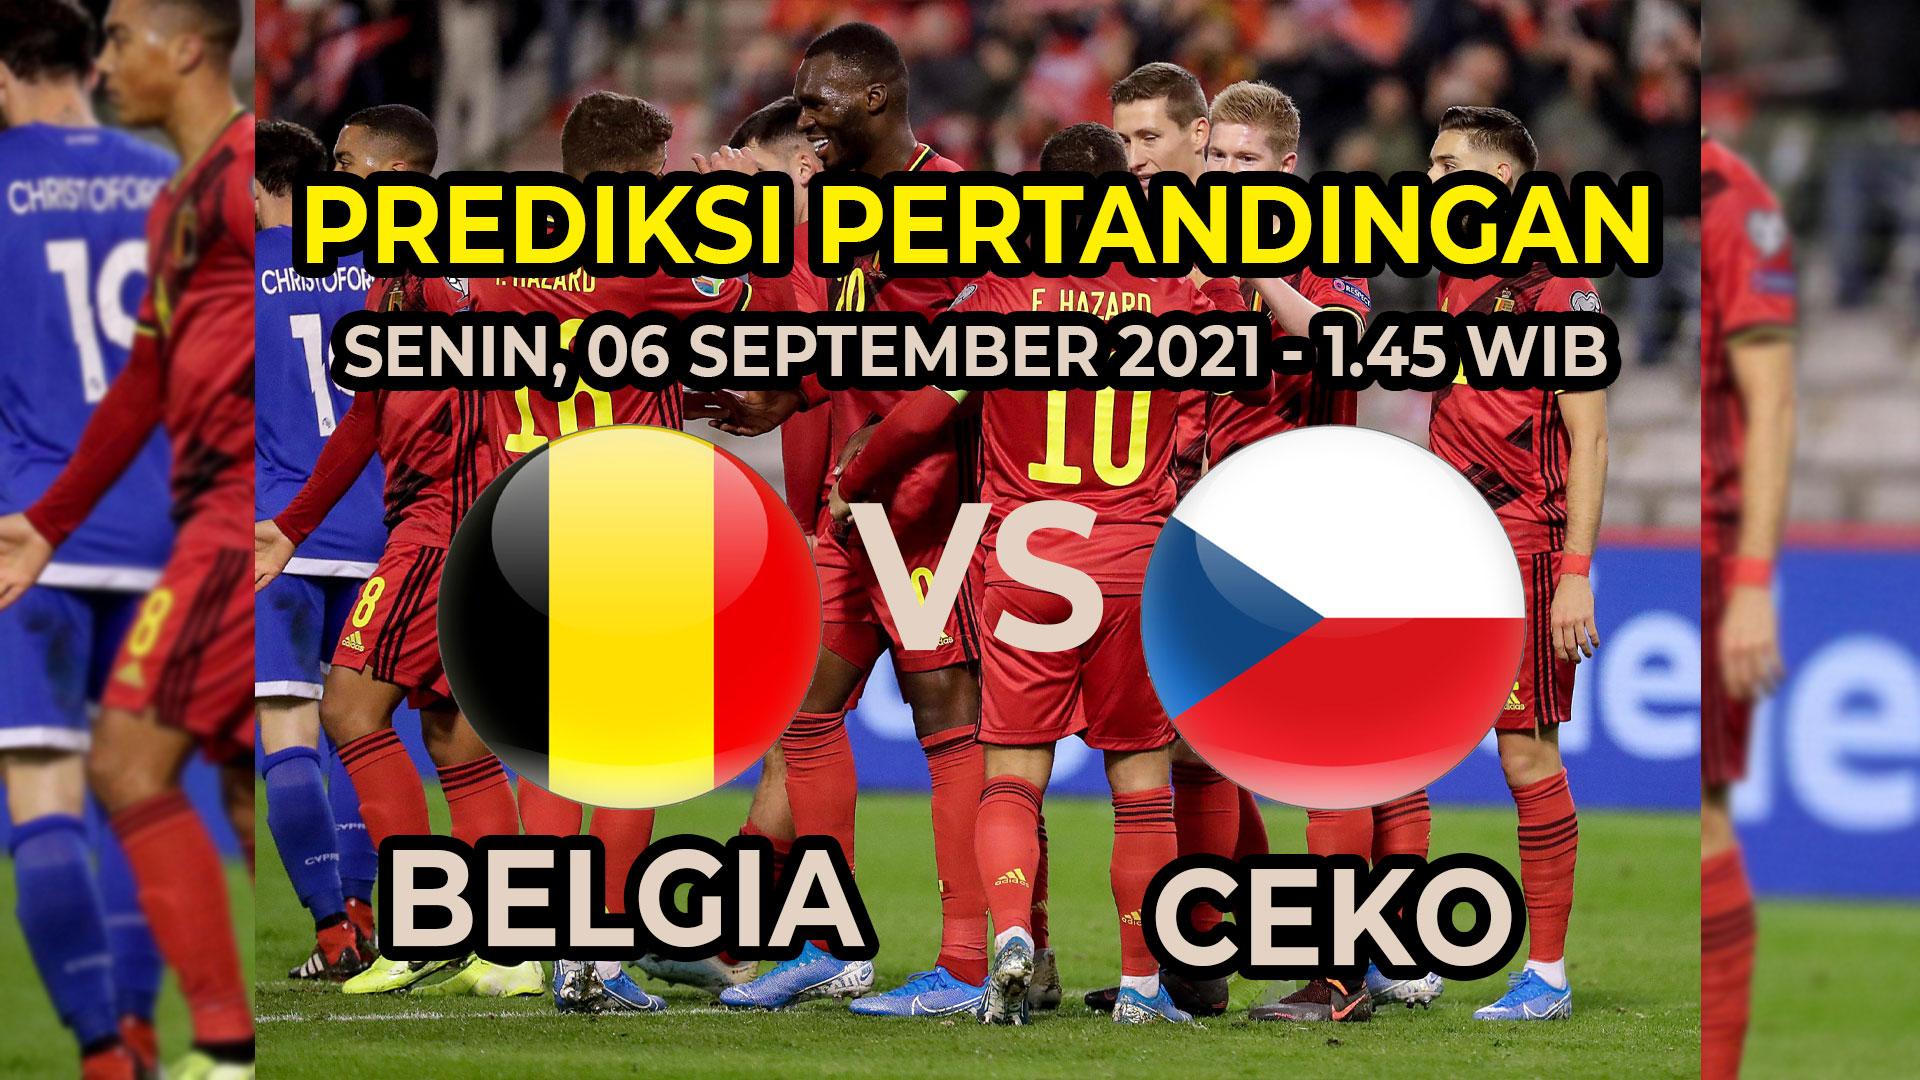 Prediksi Skor Belgia vs Ceko Kualifikasi Piala Dunia FIFA 2022